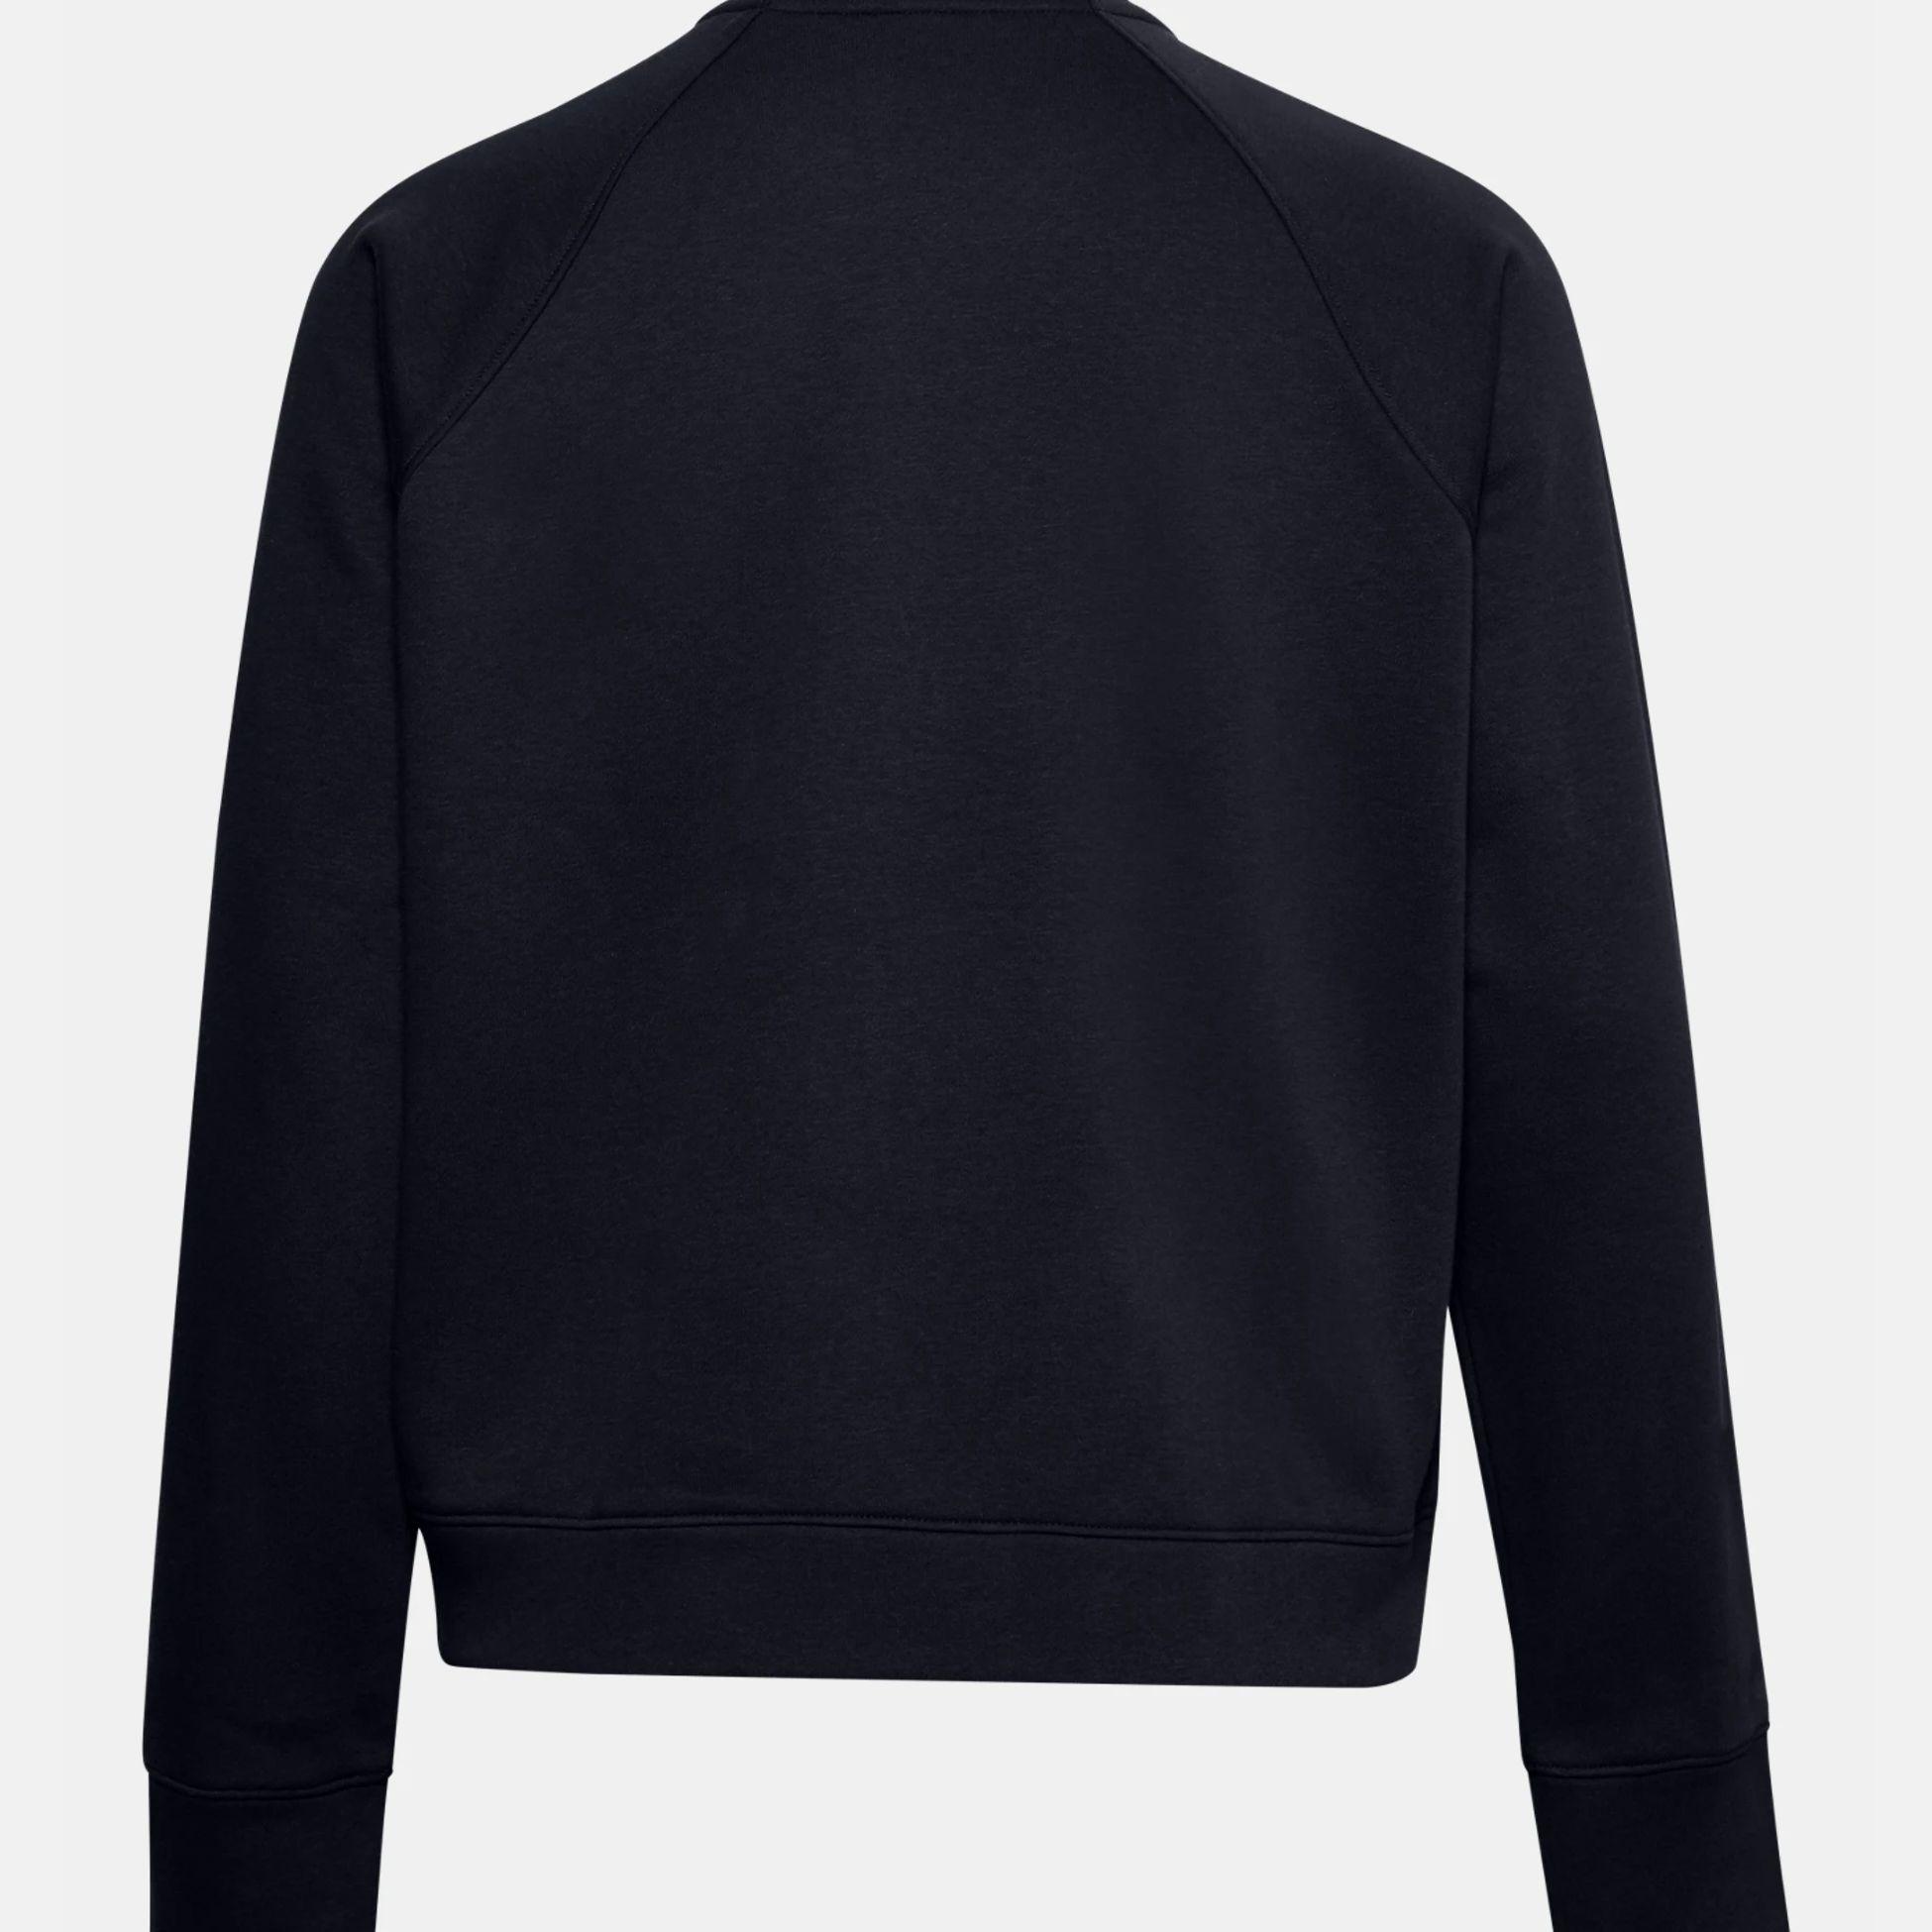 Îmbrăcăminte -  under armour UA Rival Fleece Jacket 8148